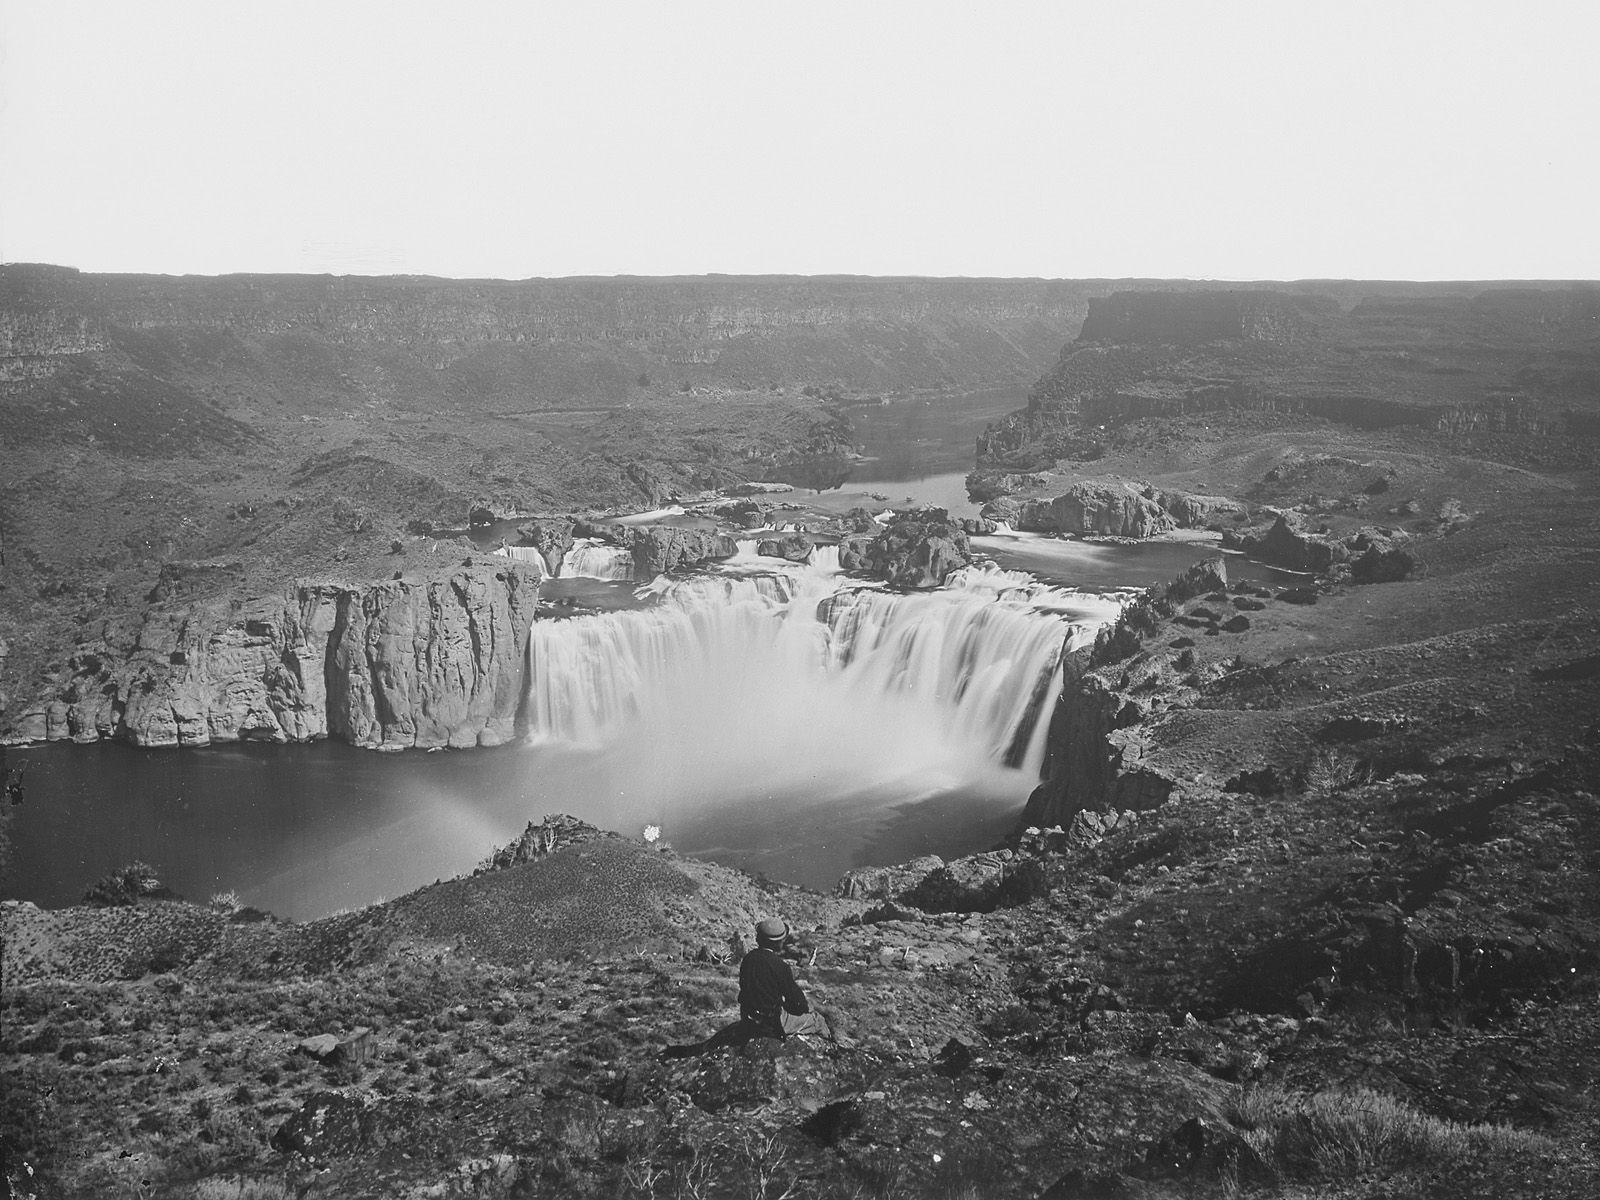 Водопад Шошони снимок 1881 года